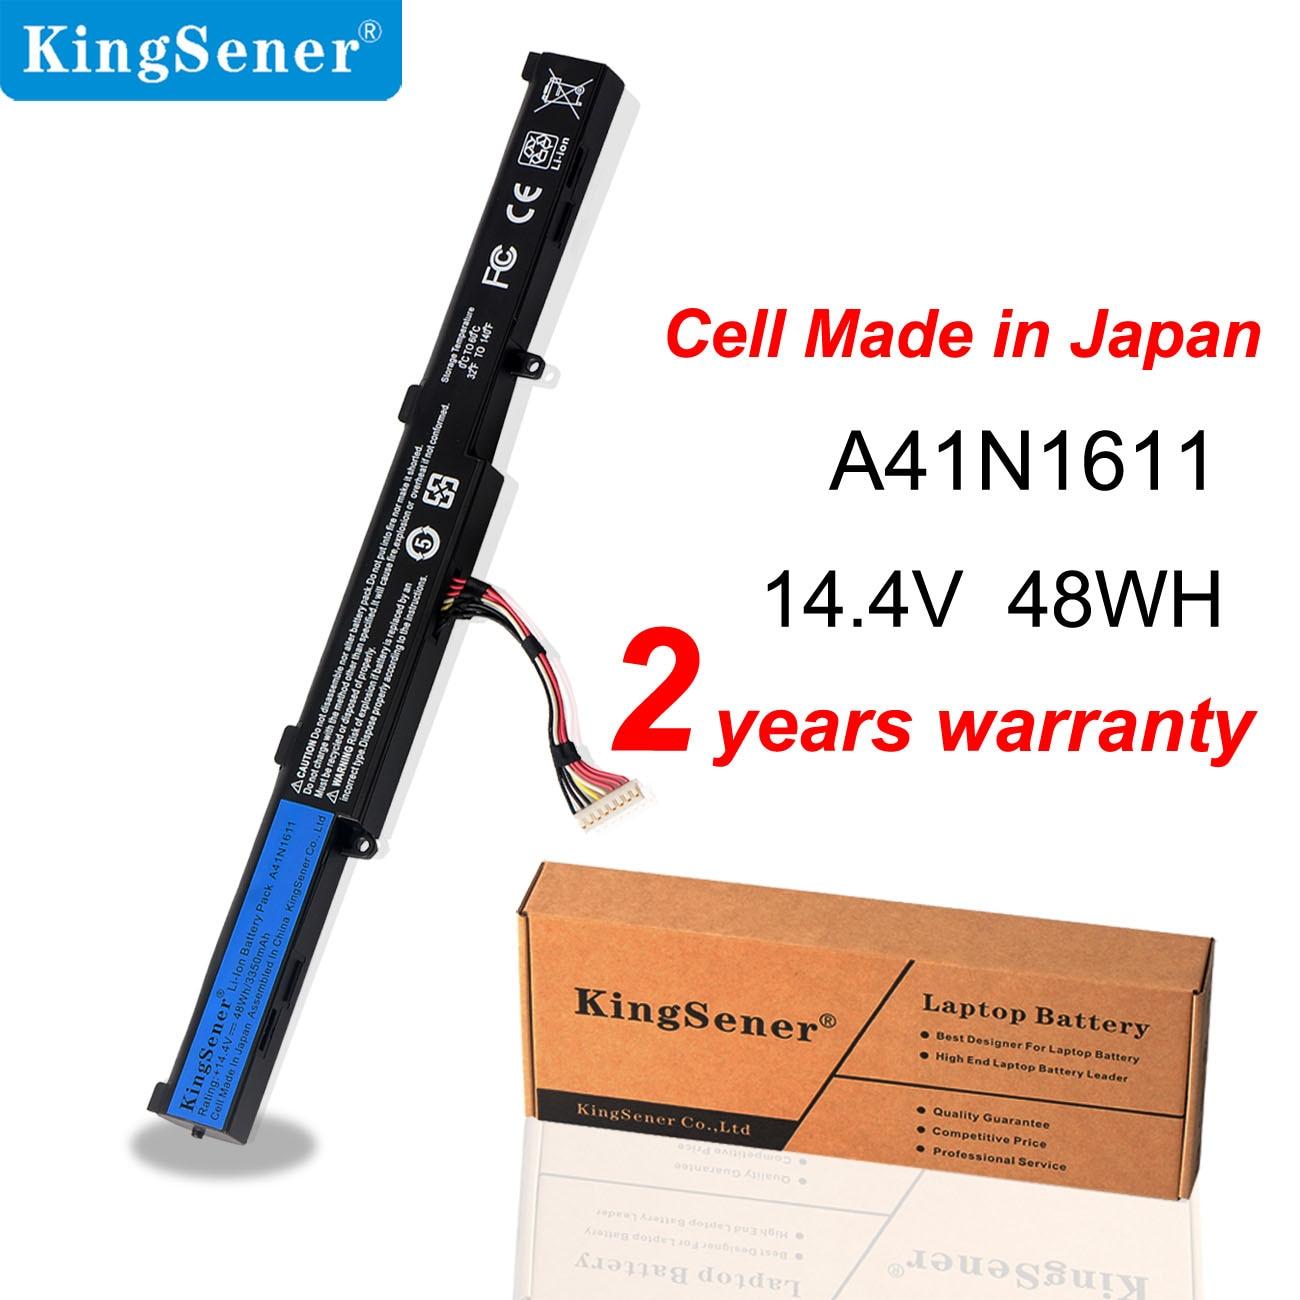 KingSener 14.4V 48WH A41N1611 بطارية كمبيوتر محمول ل ASUS ROG GL553 GL553VD GL553VE GL553VW سلسلة A41LK5H A41LP4Q